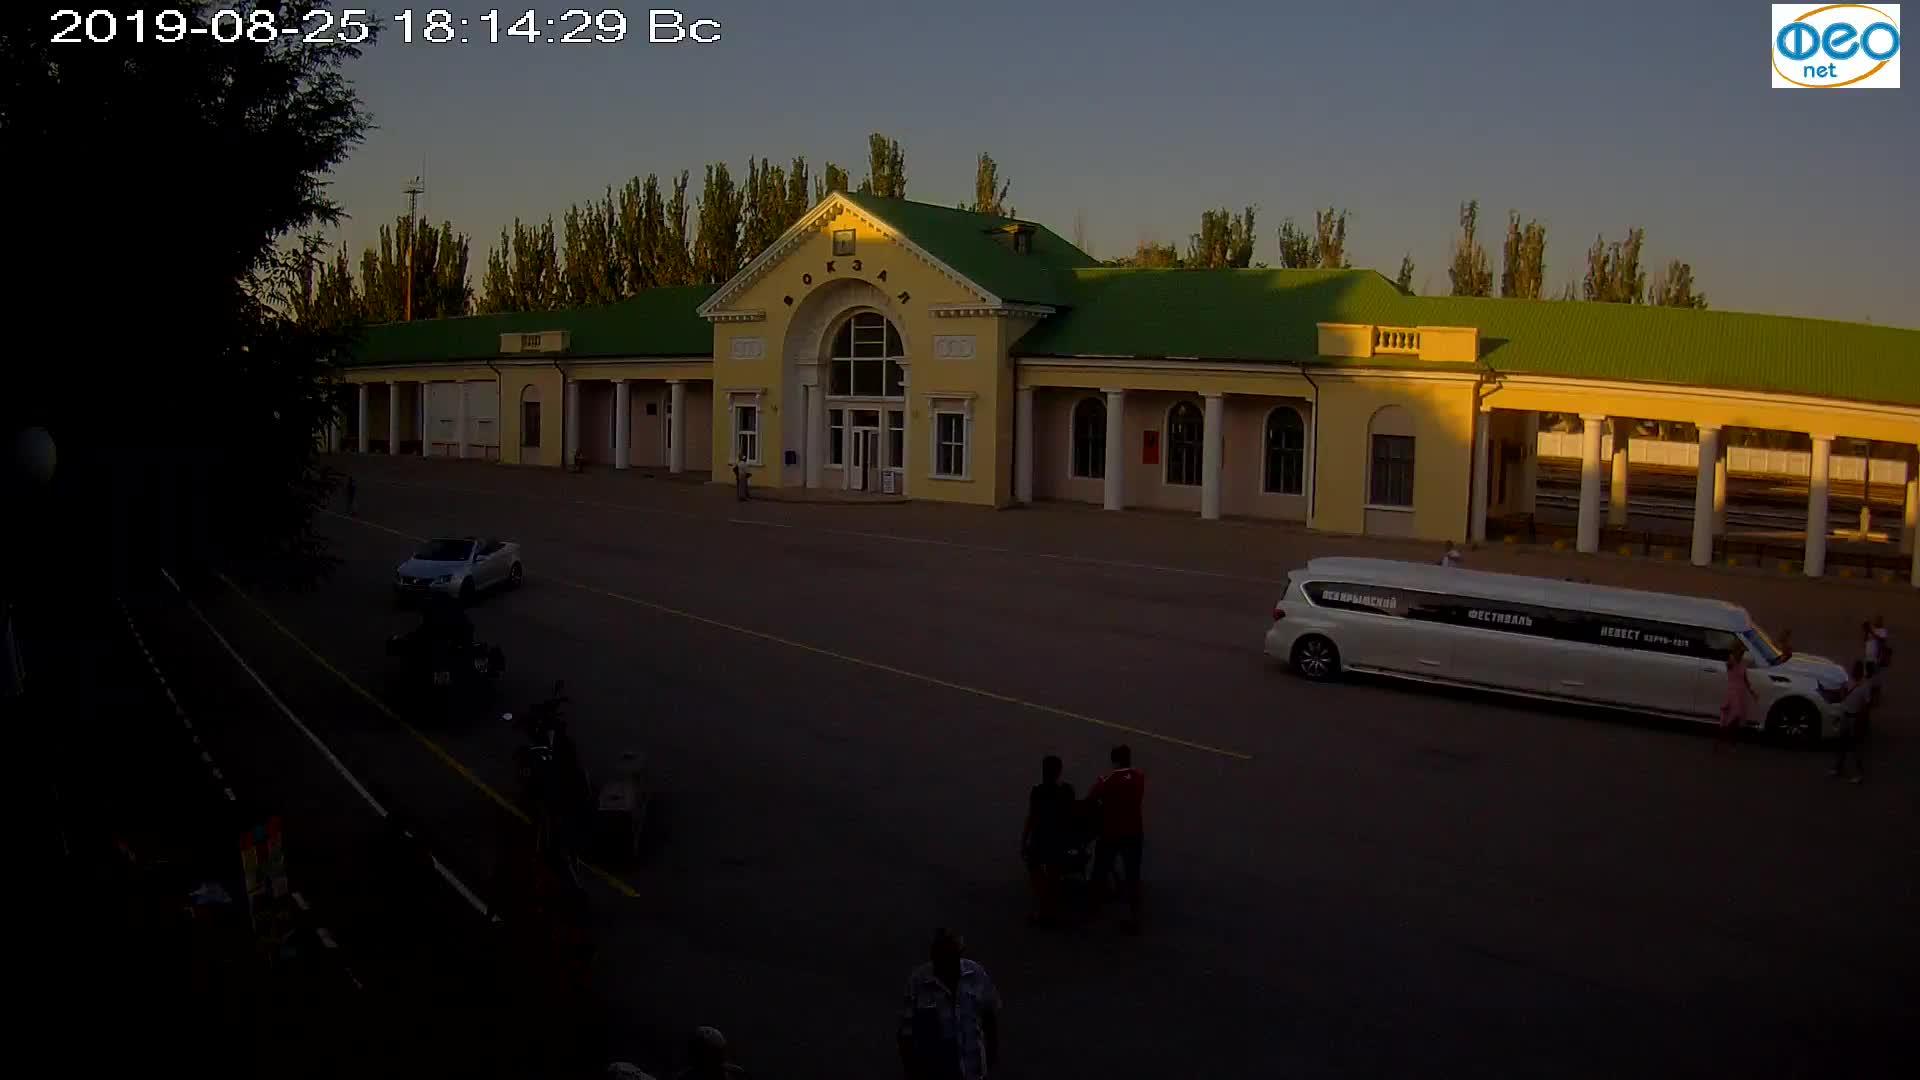 Веб-камеры Феодосии, Привокзальная площадь, 2019-08-25 18:30:05